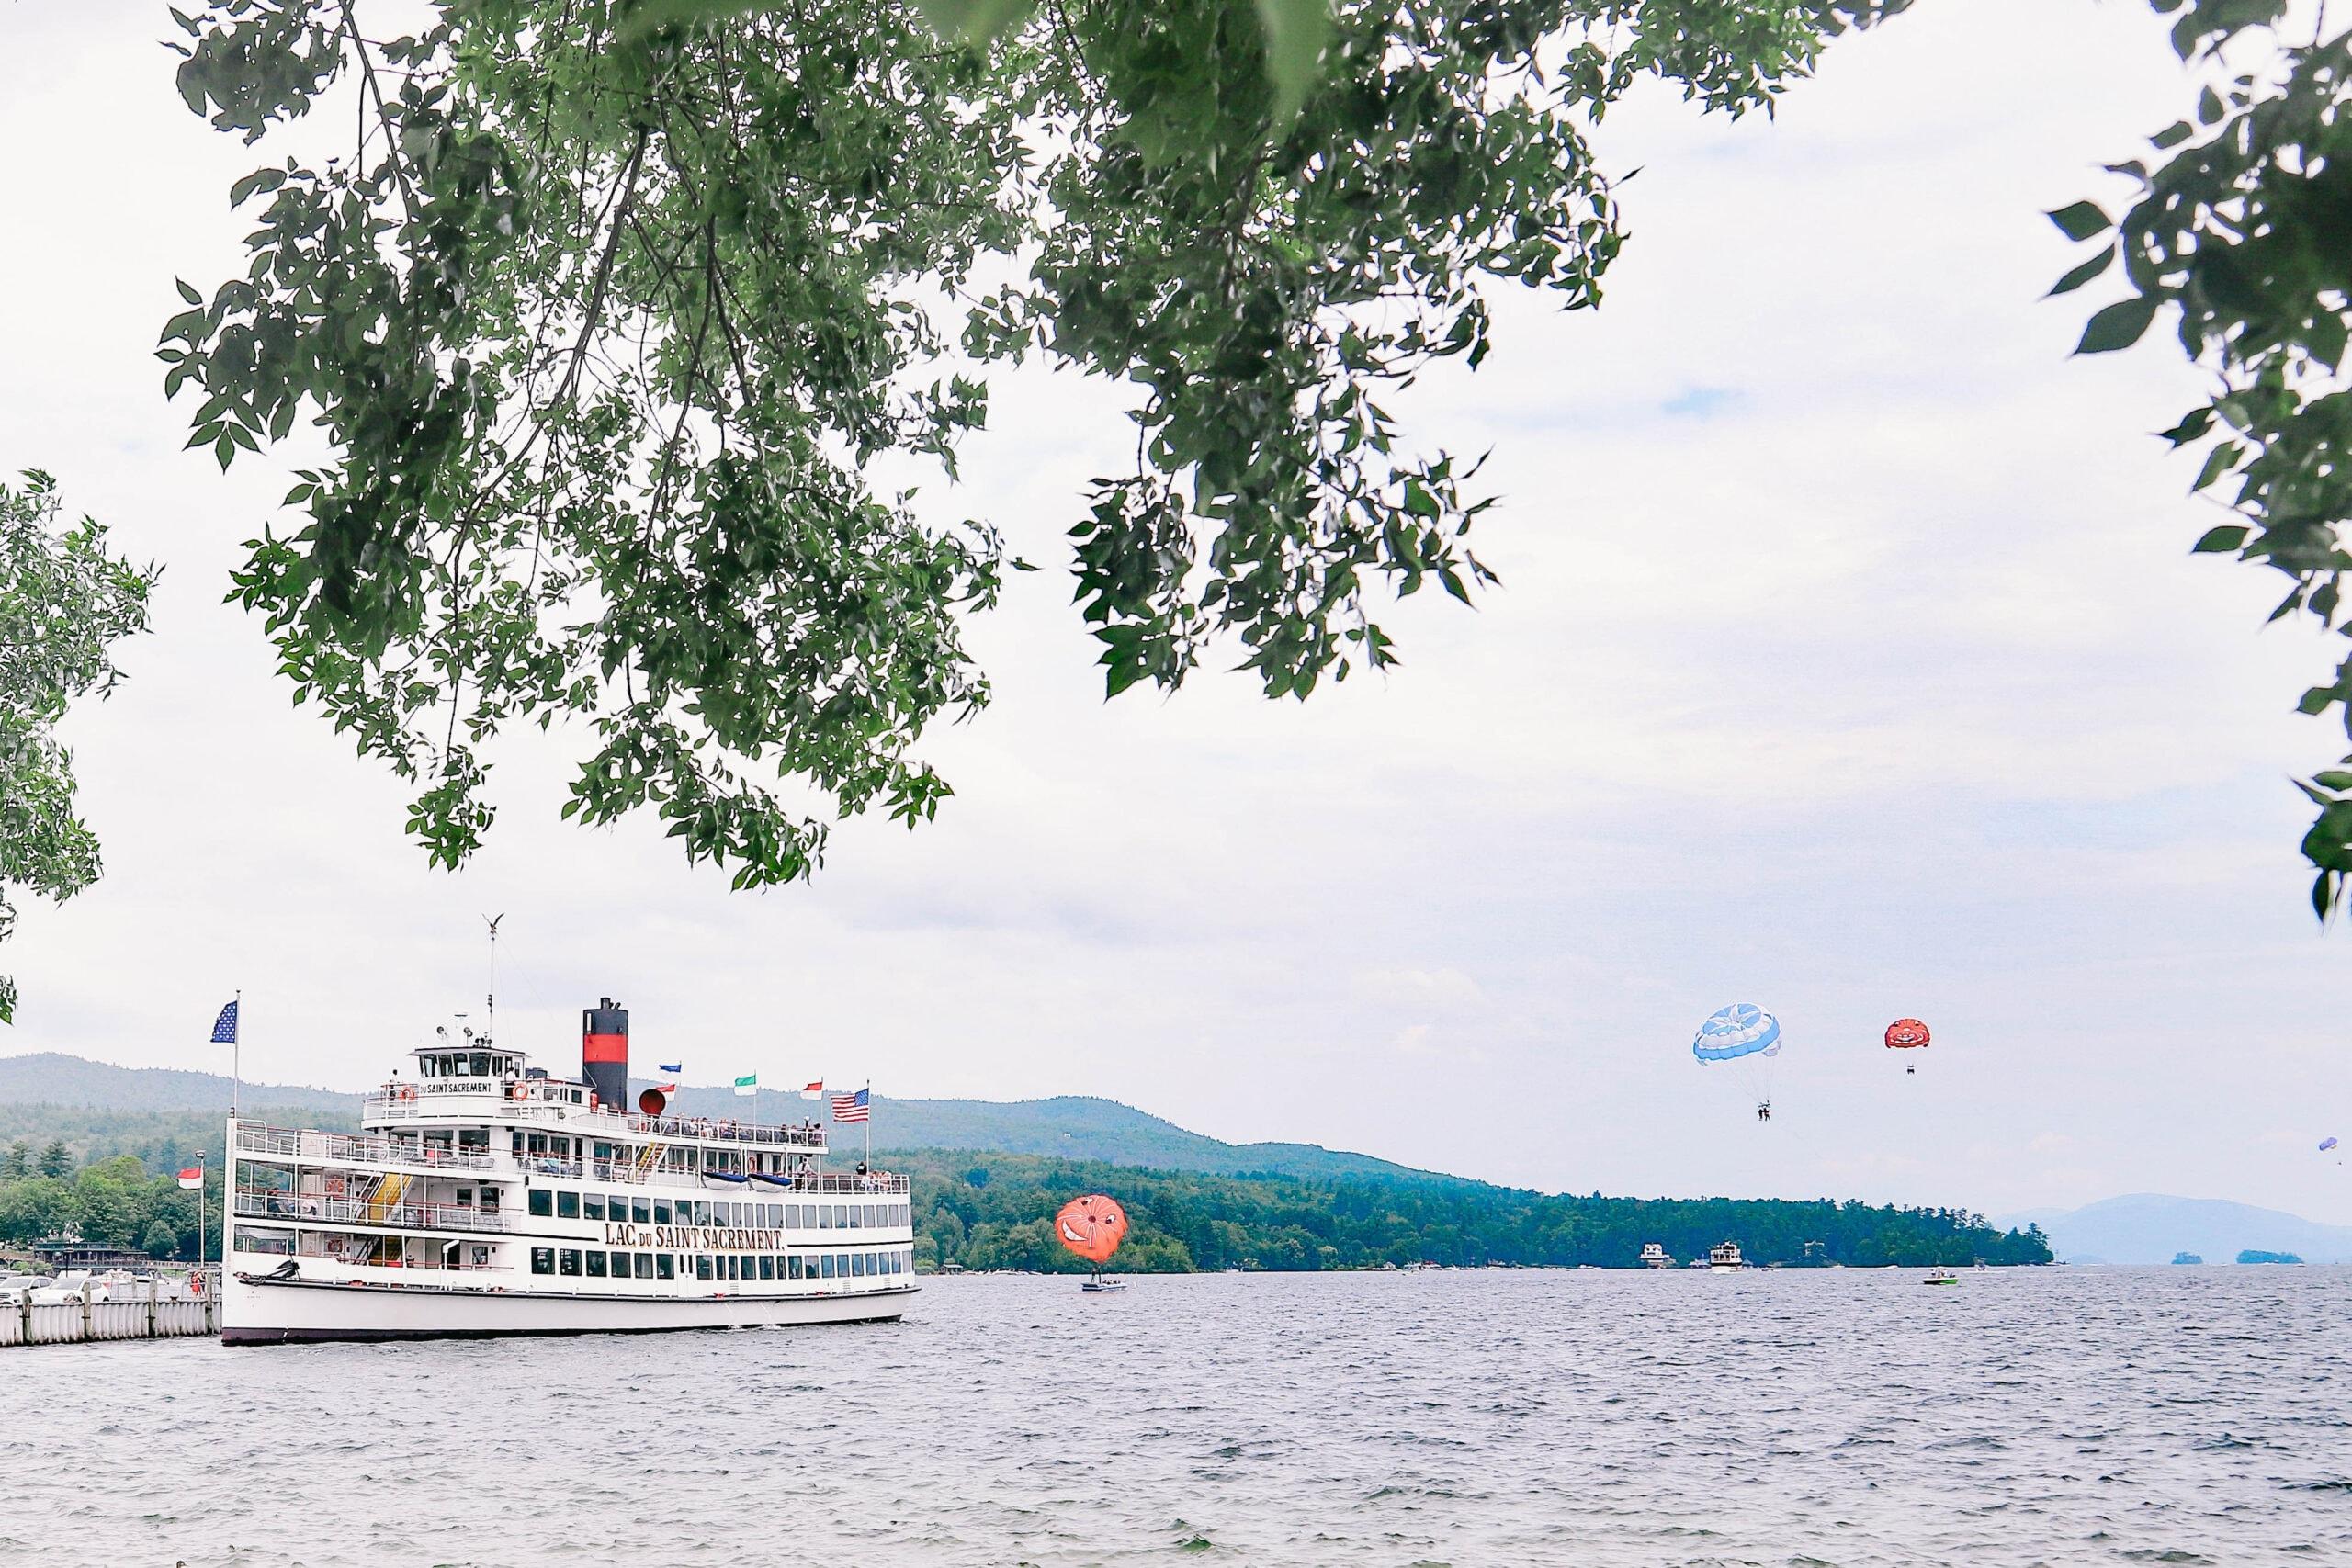 Parasailing on Lake George